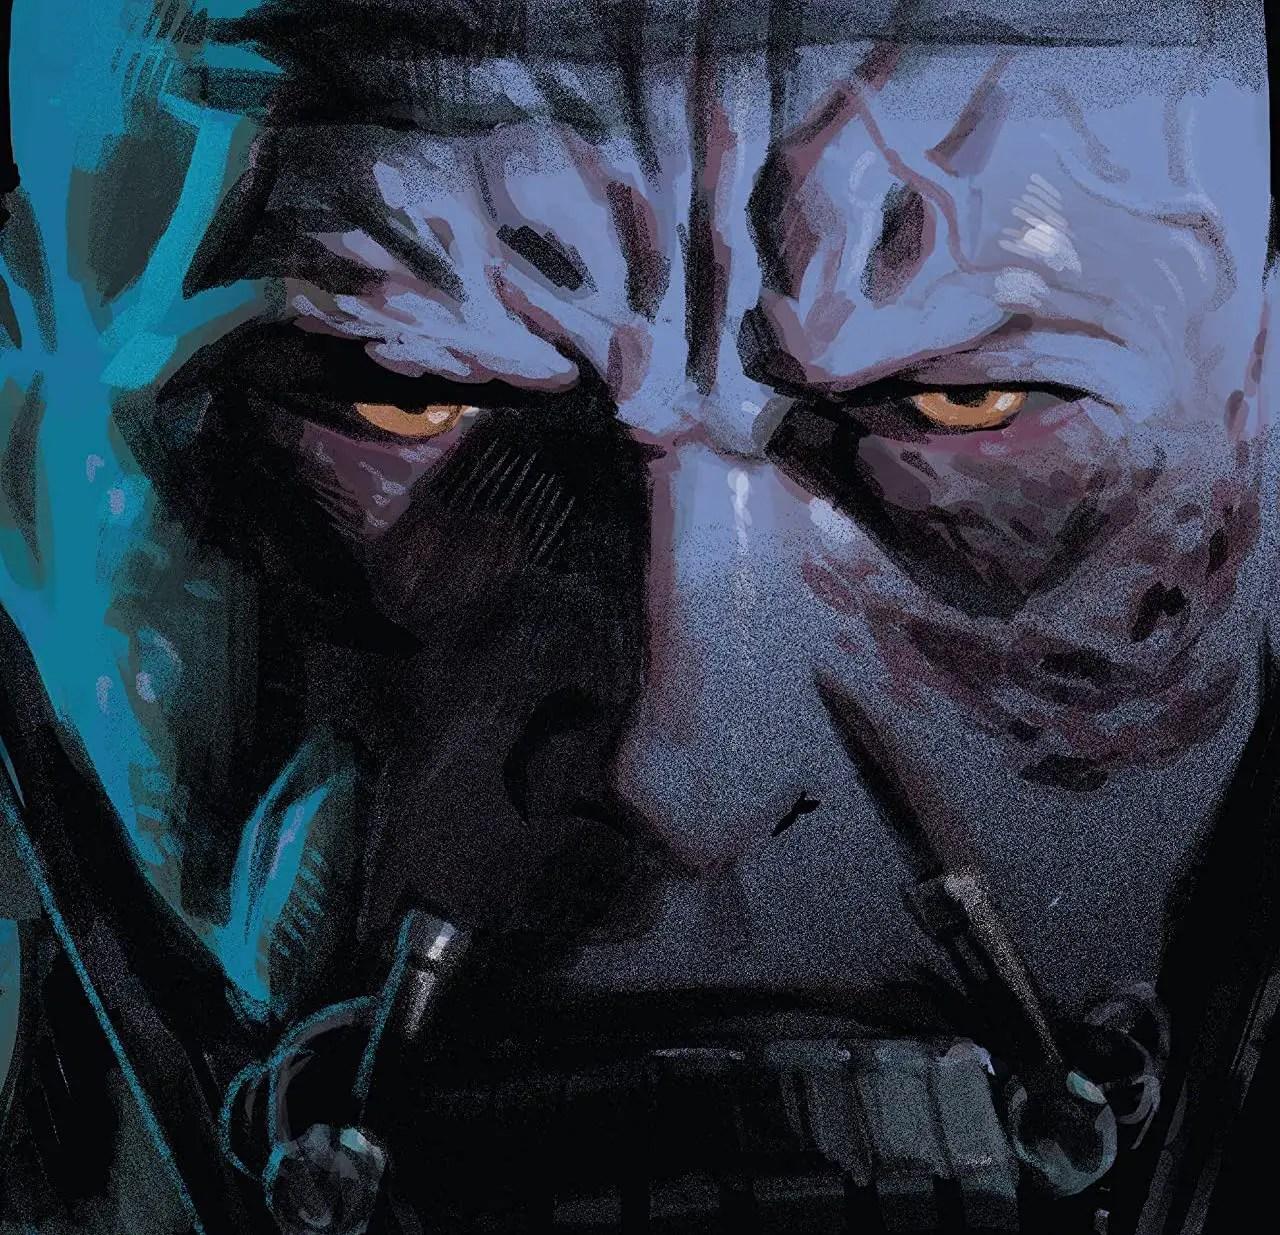 'Star Wars: Darth Vader' #7 review